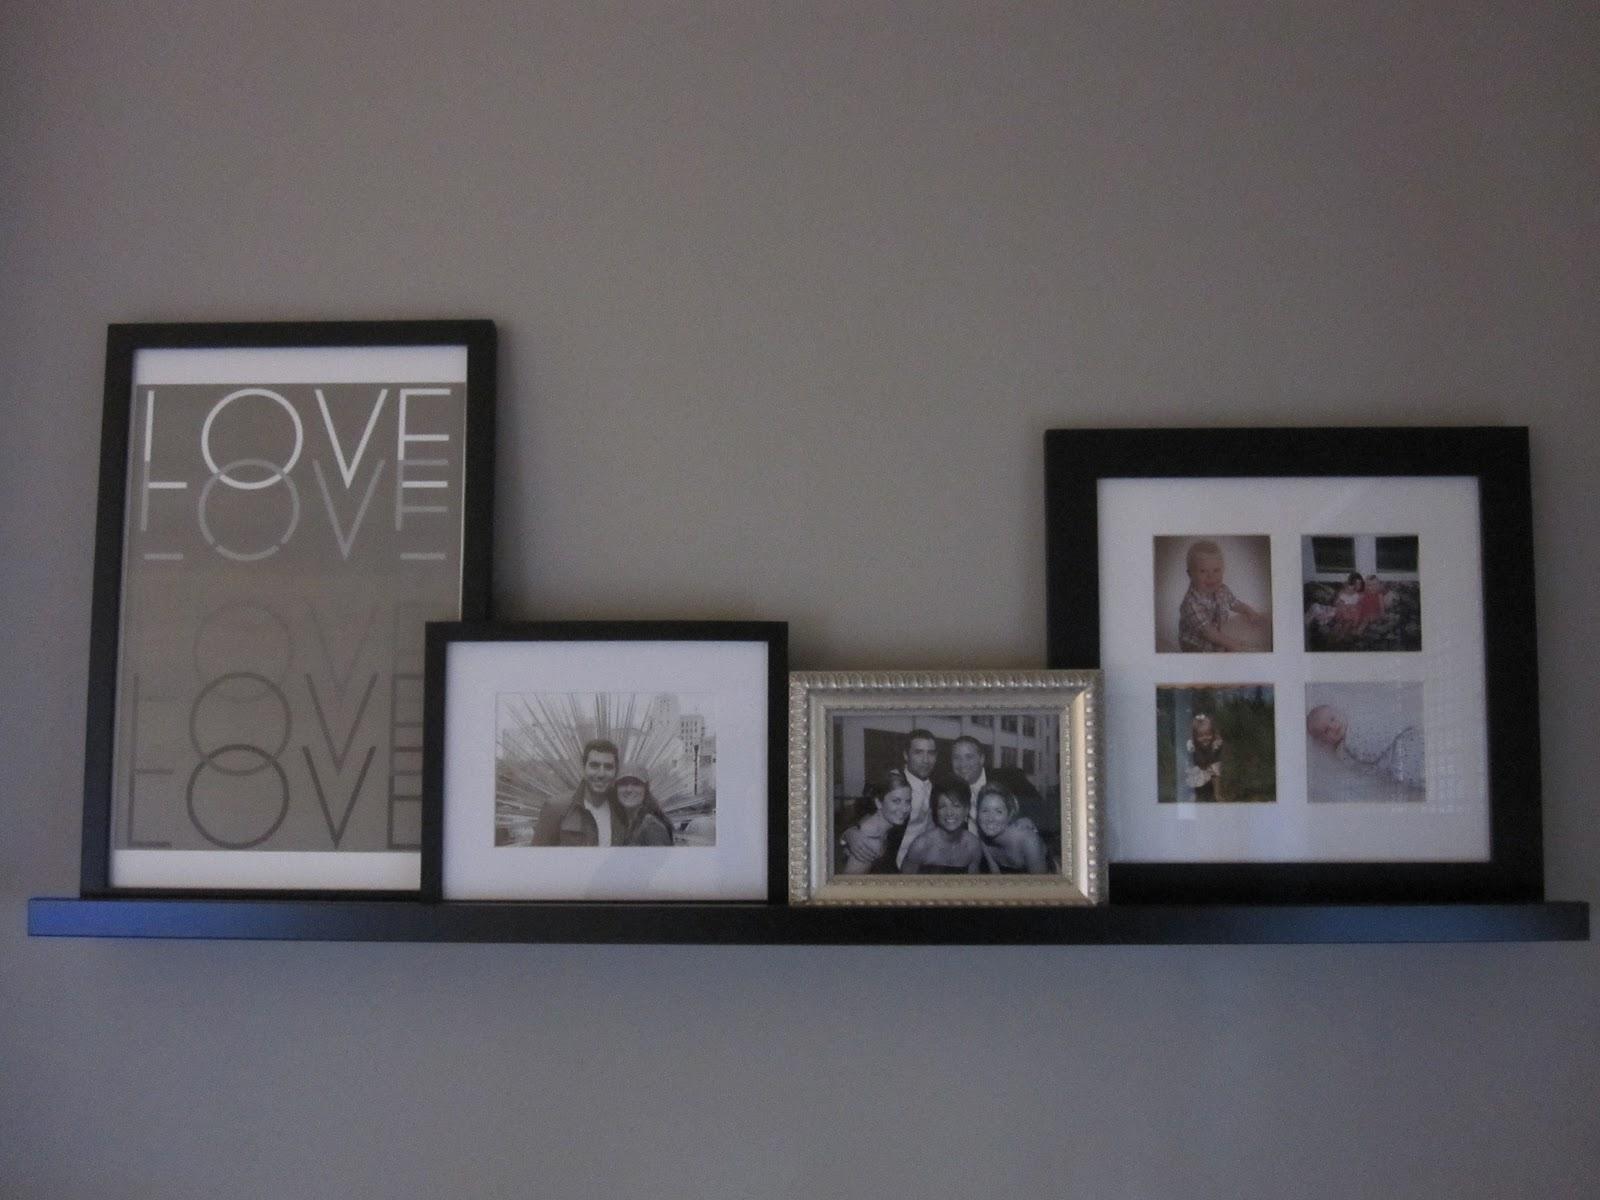 Ikea Photo Ledge